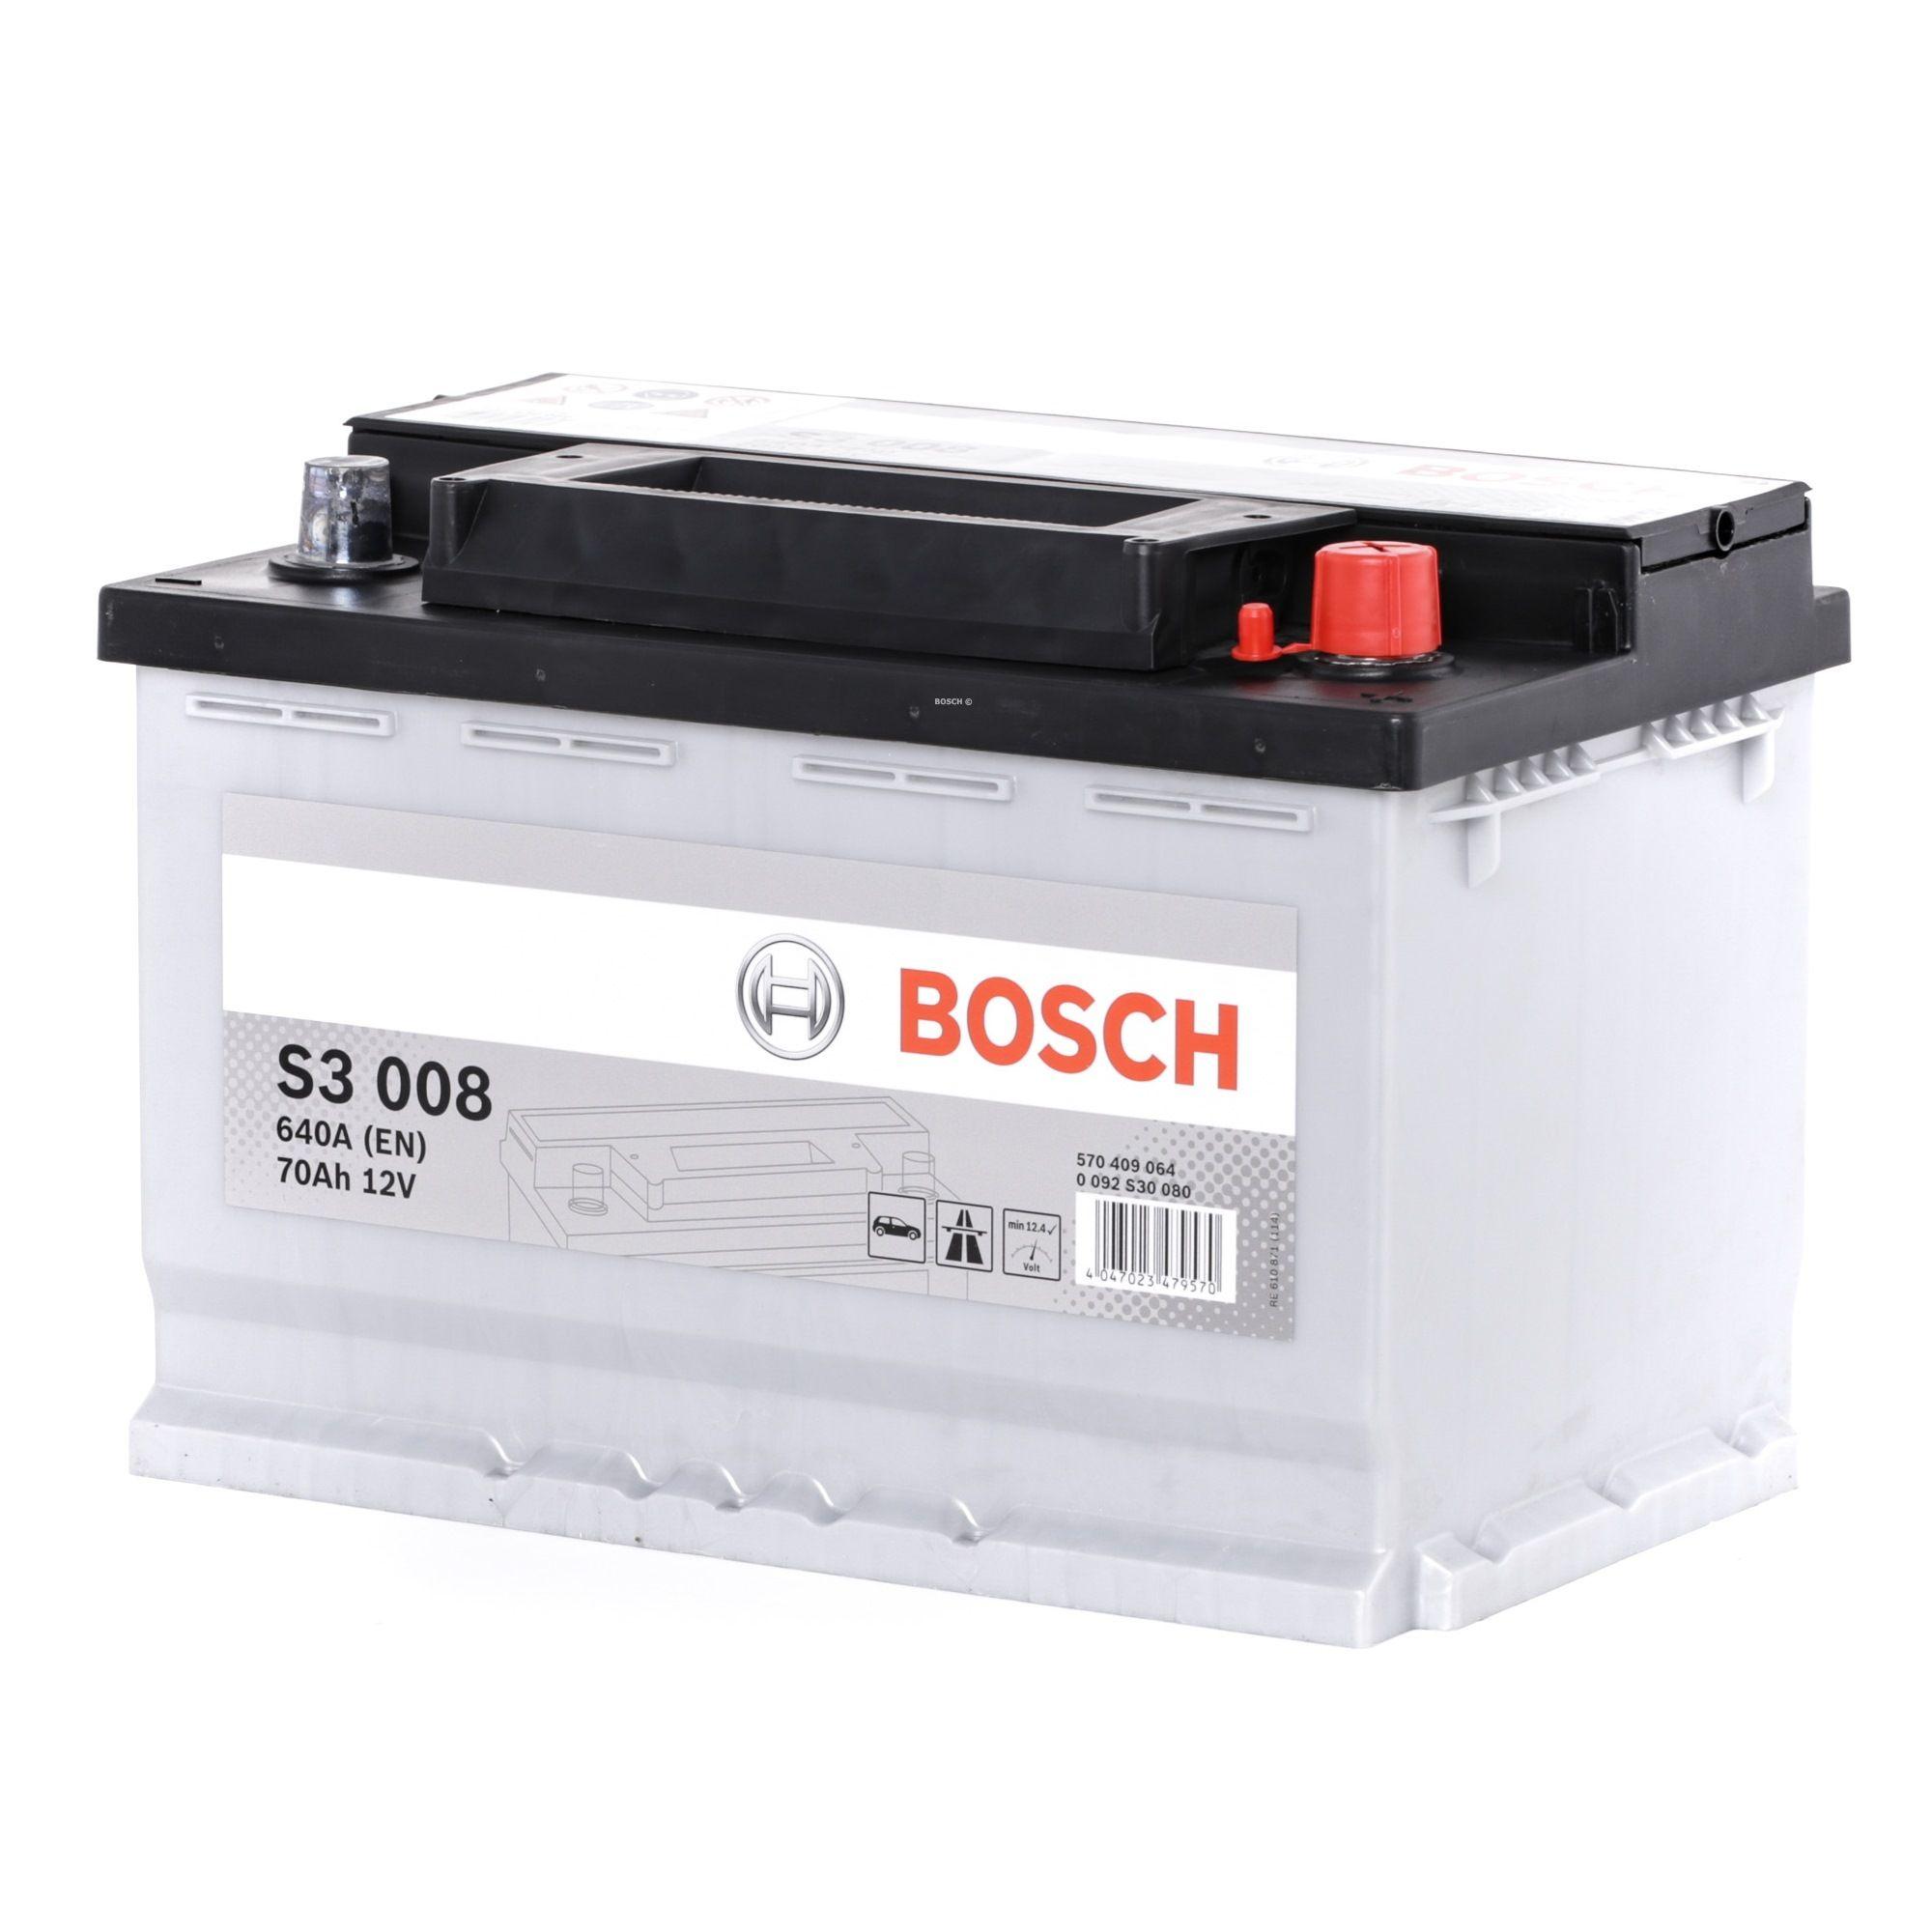 Accu / Batterij BOSCH 570409064 waardering